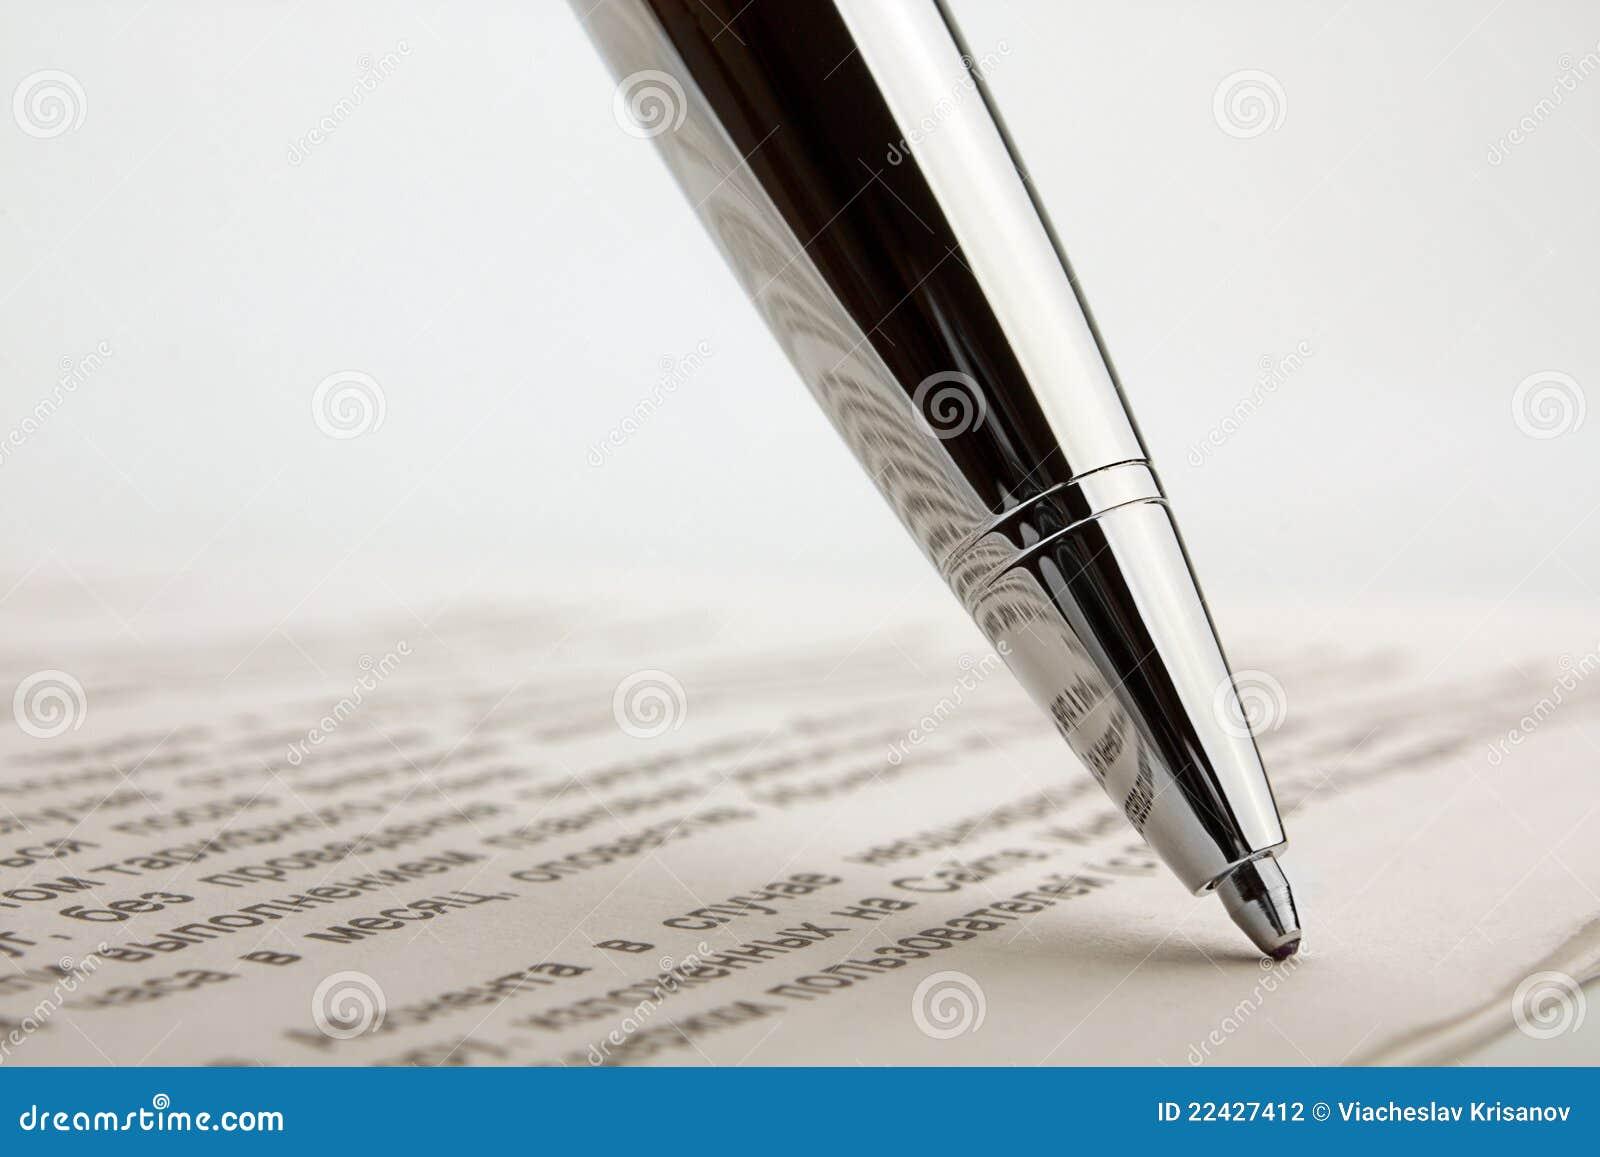 Ballpoint pen on contract